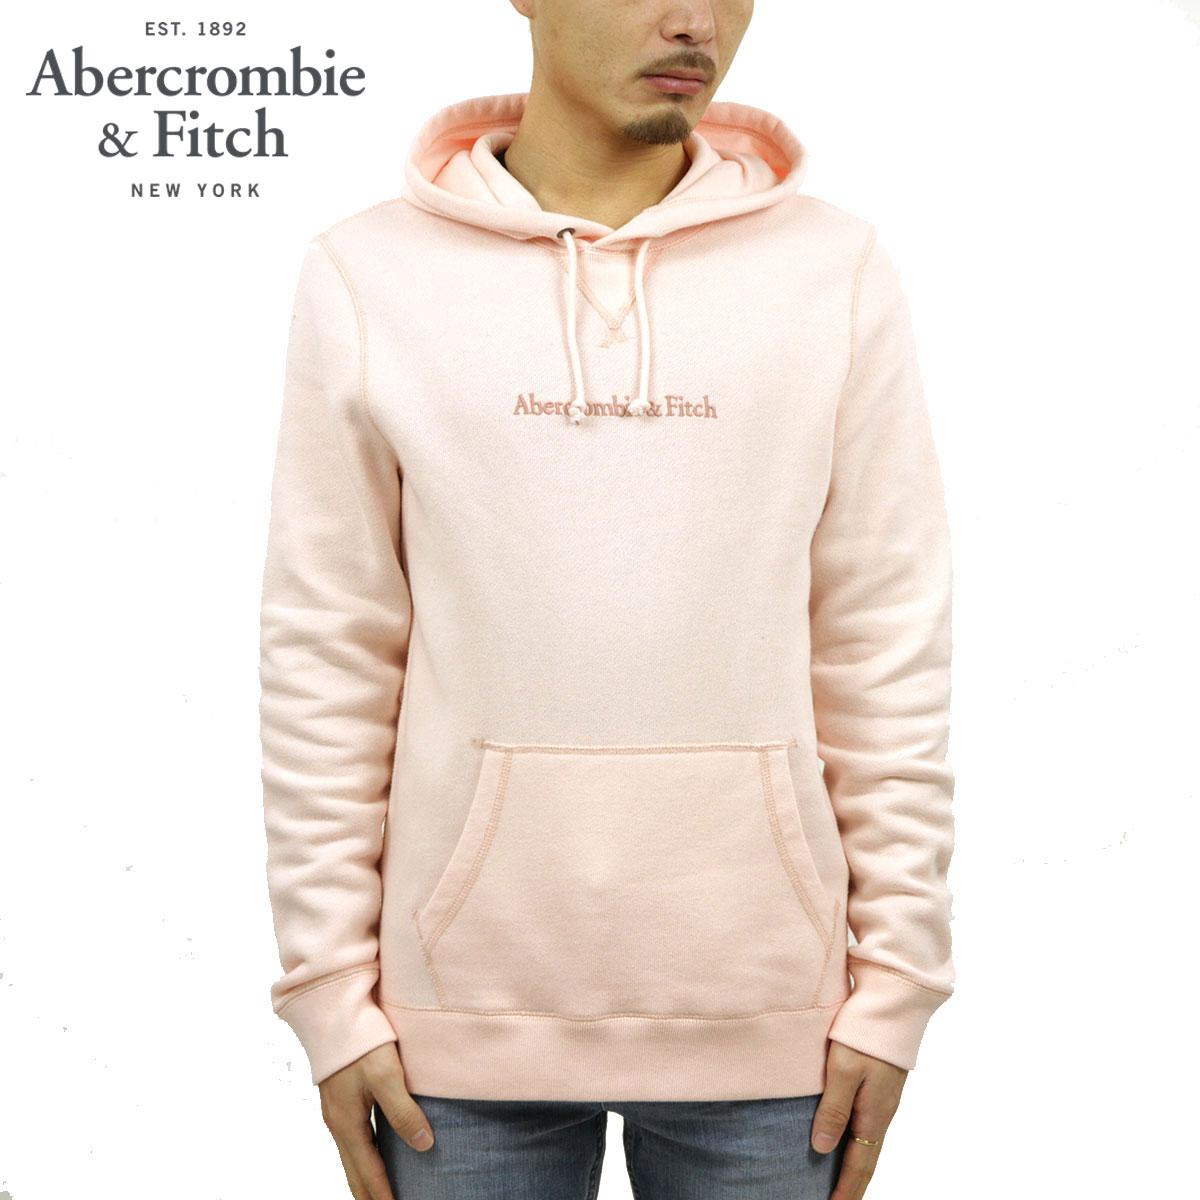 アバクロ パーカー メンズ 正規品 Abercrombie&Fitch プルオーバーパーカー ロゴ EMBROIDERED LOGO HOODIE 122-231-0830-600